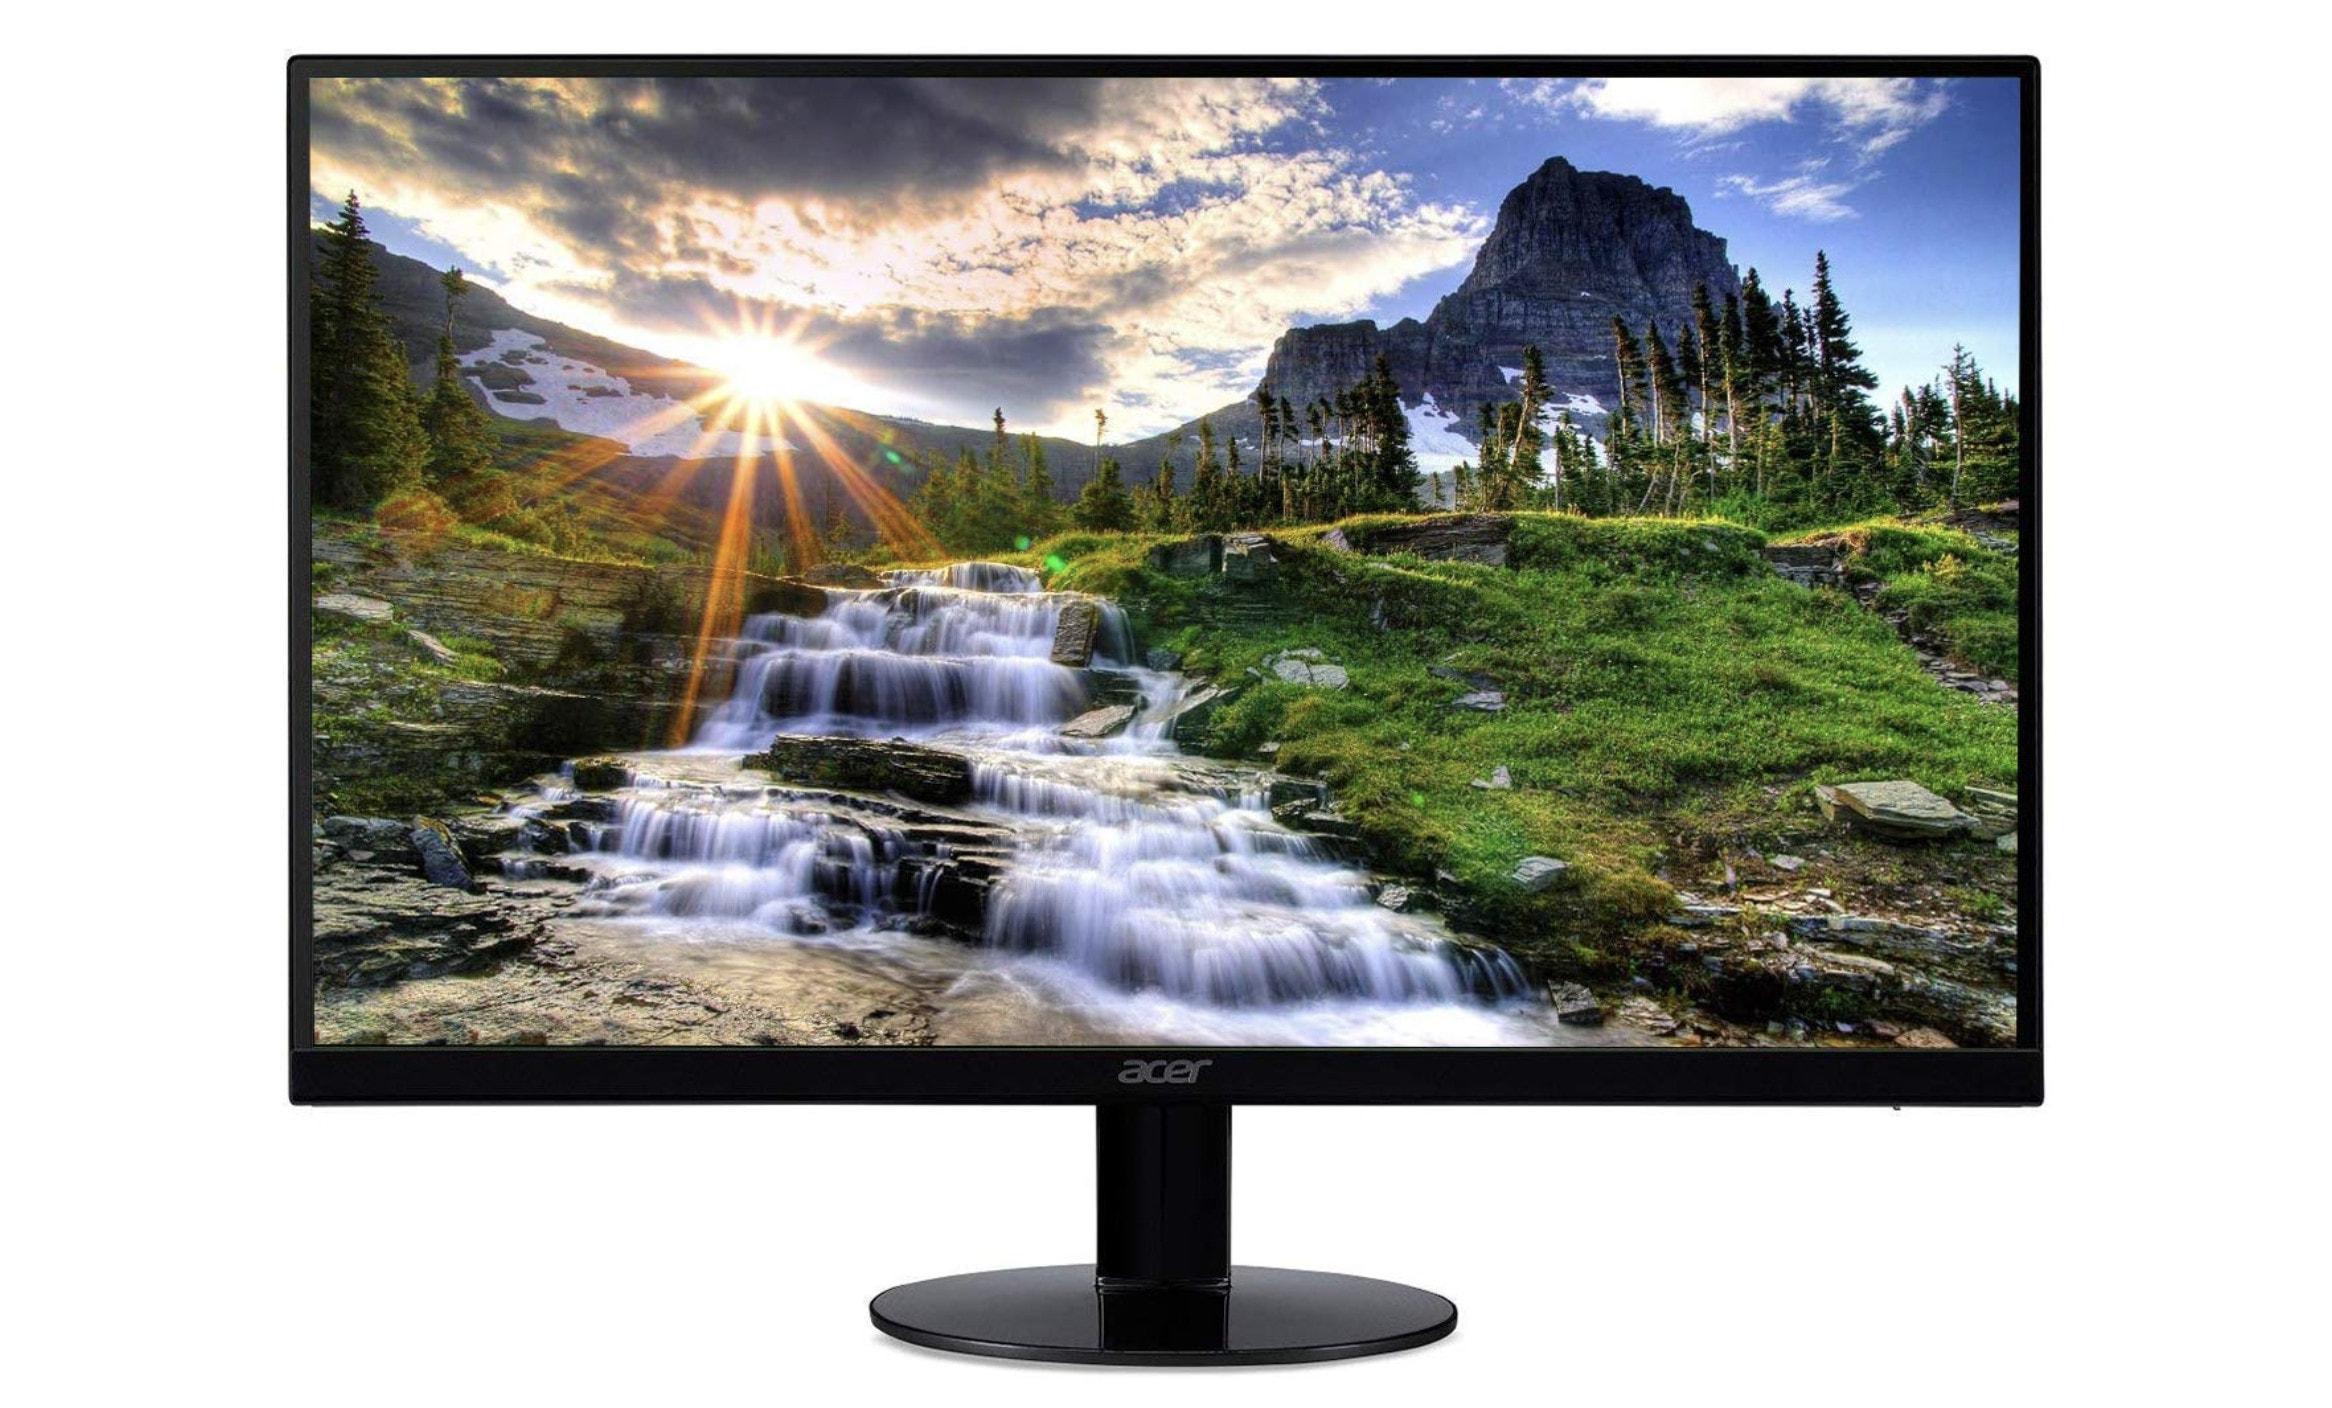 Acer-SB220Q-monitor